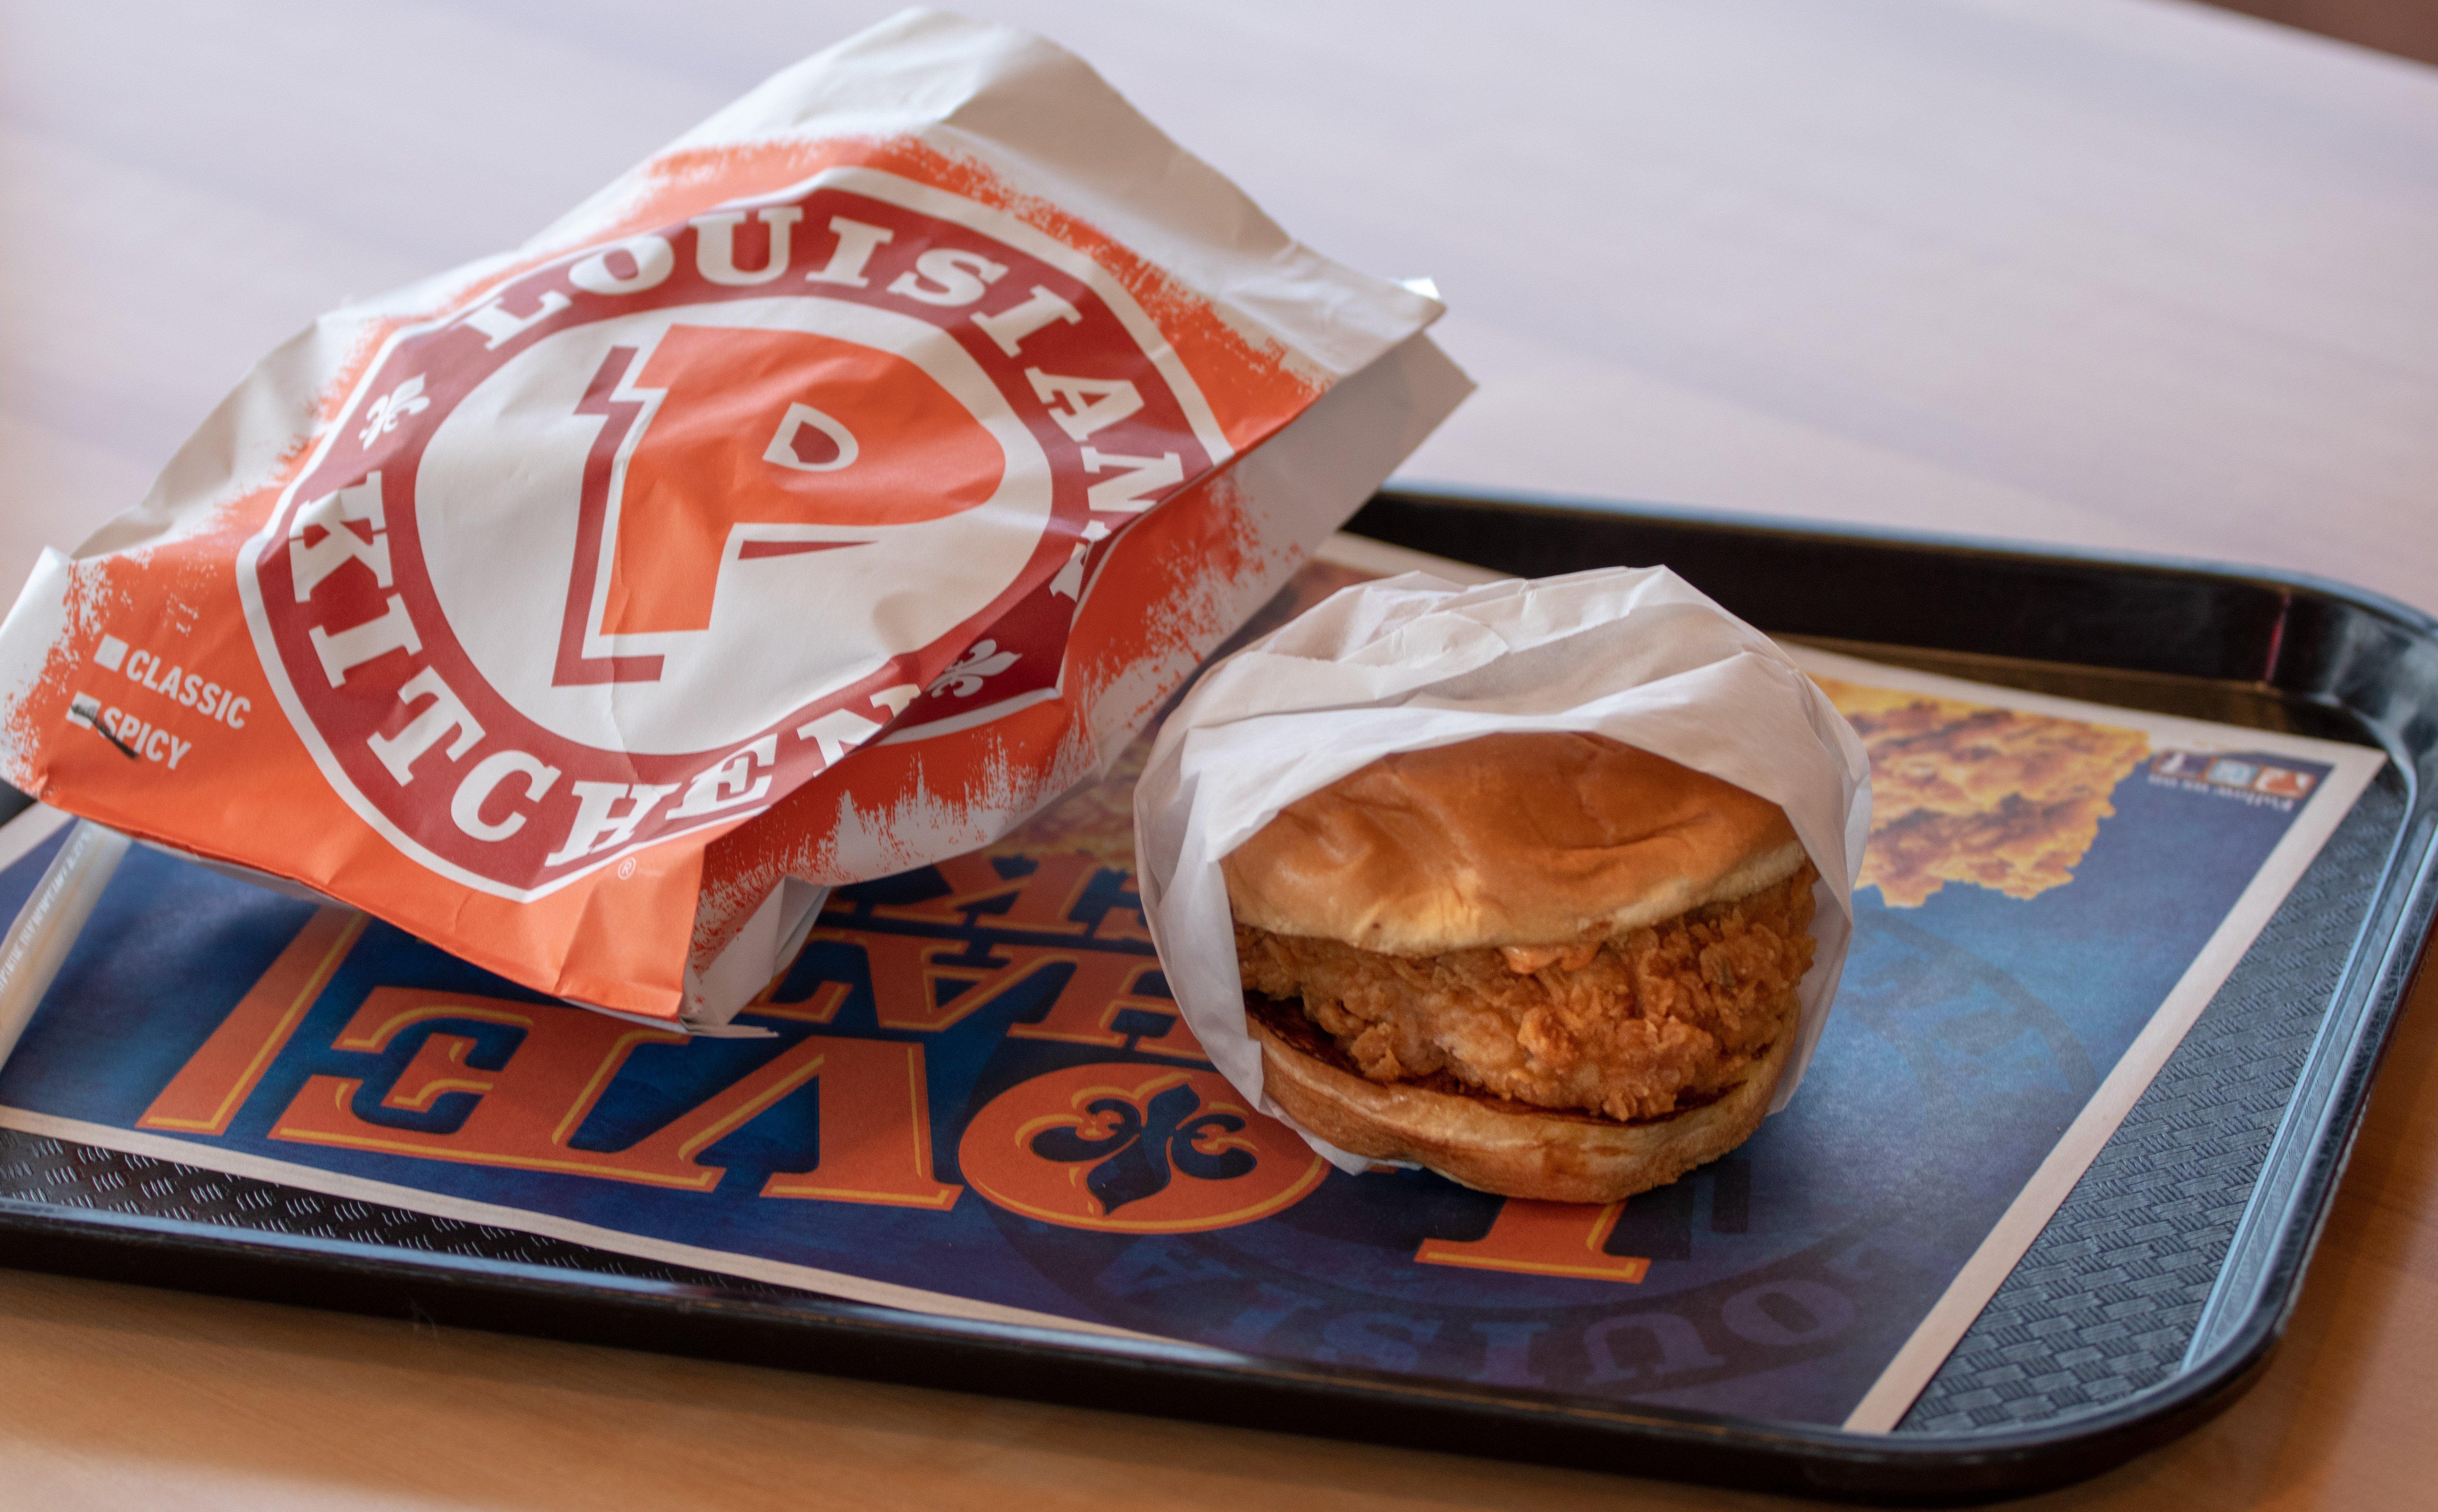 market research popeye chicken sandwich